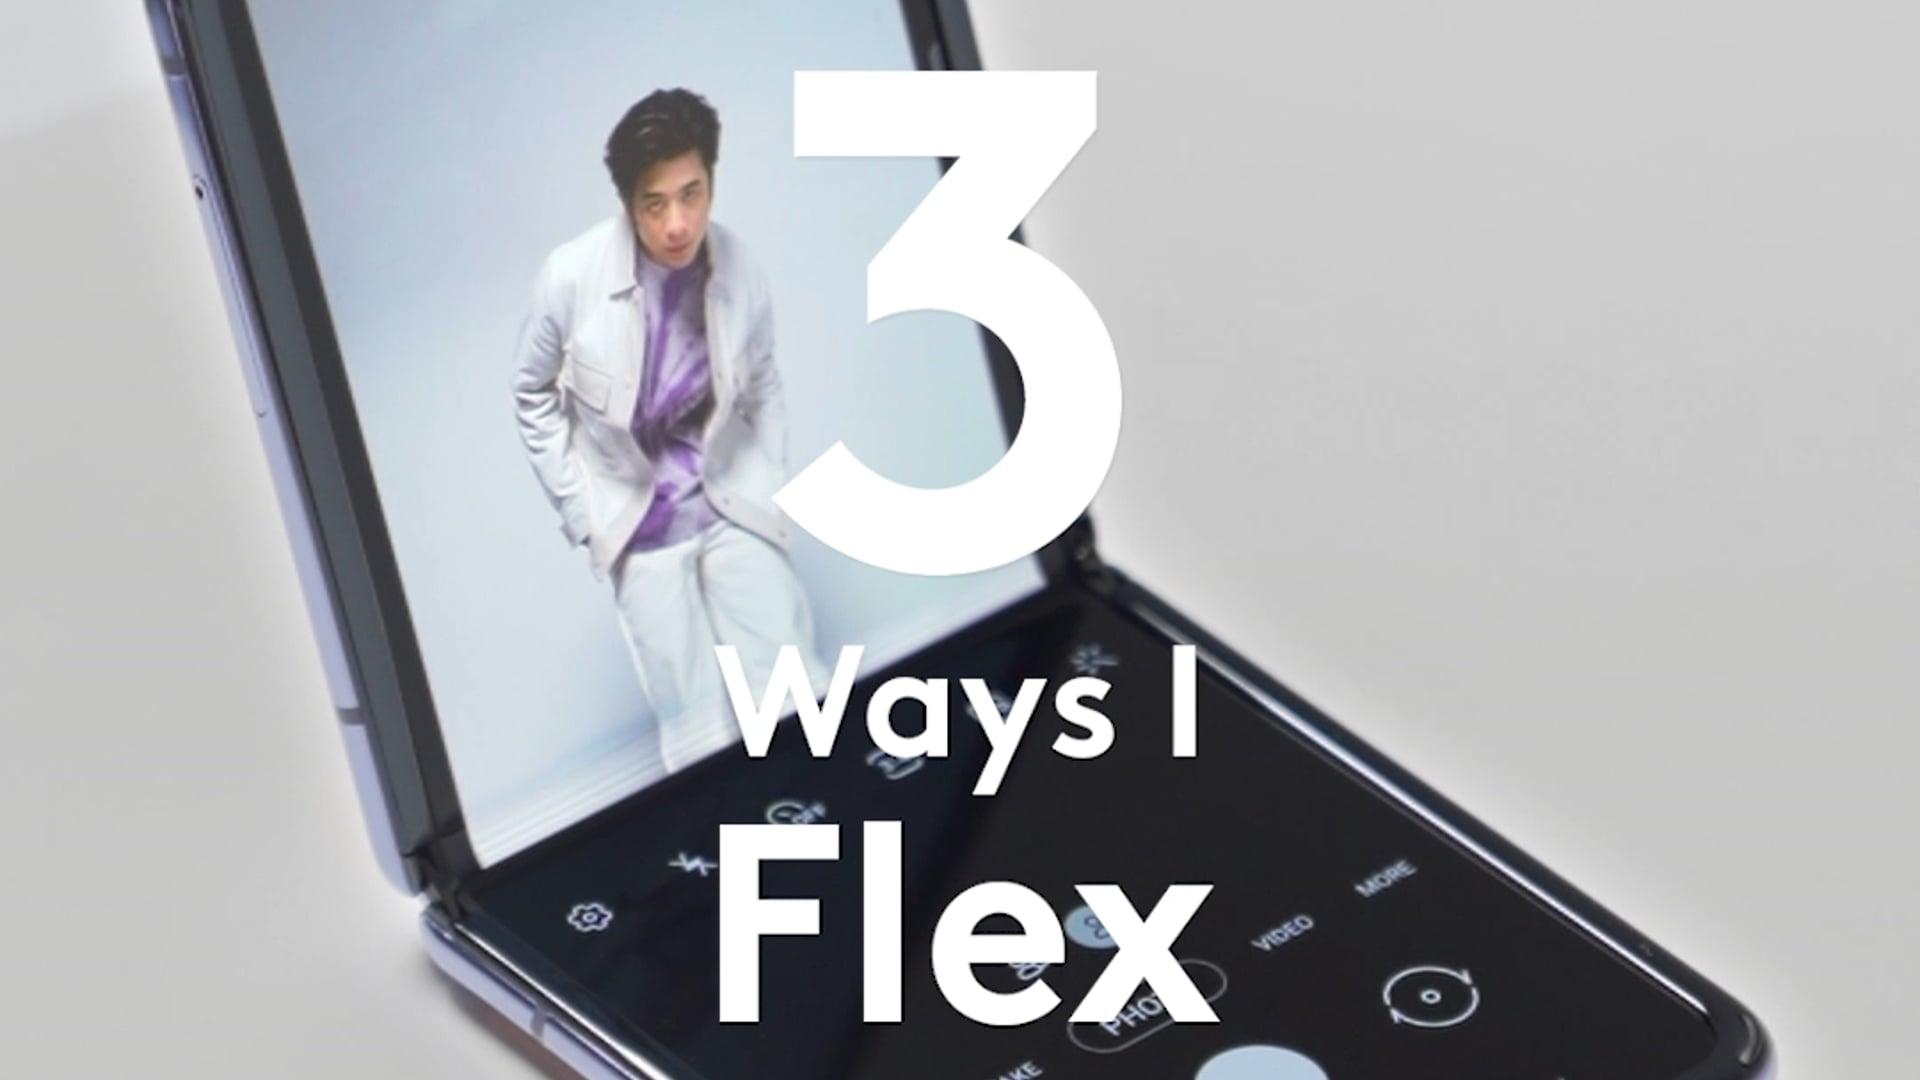 """Samsung & GQ - """"3 Ways I Flex"""" with Porsche Sivakorn"""